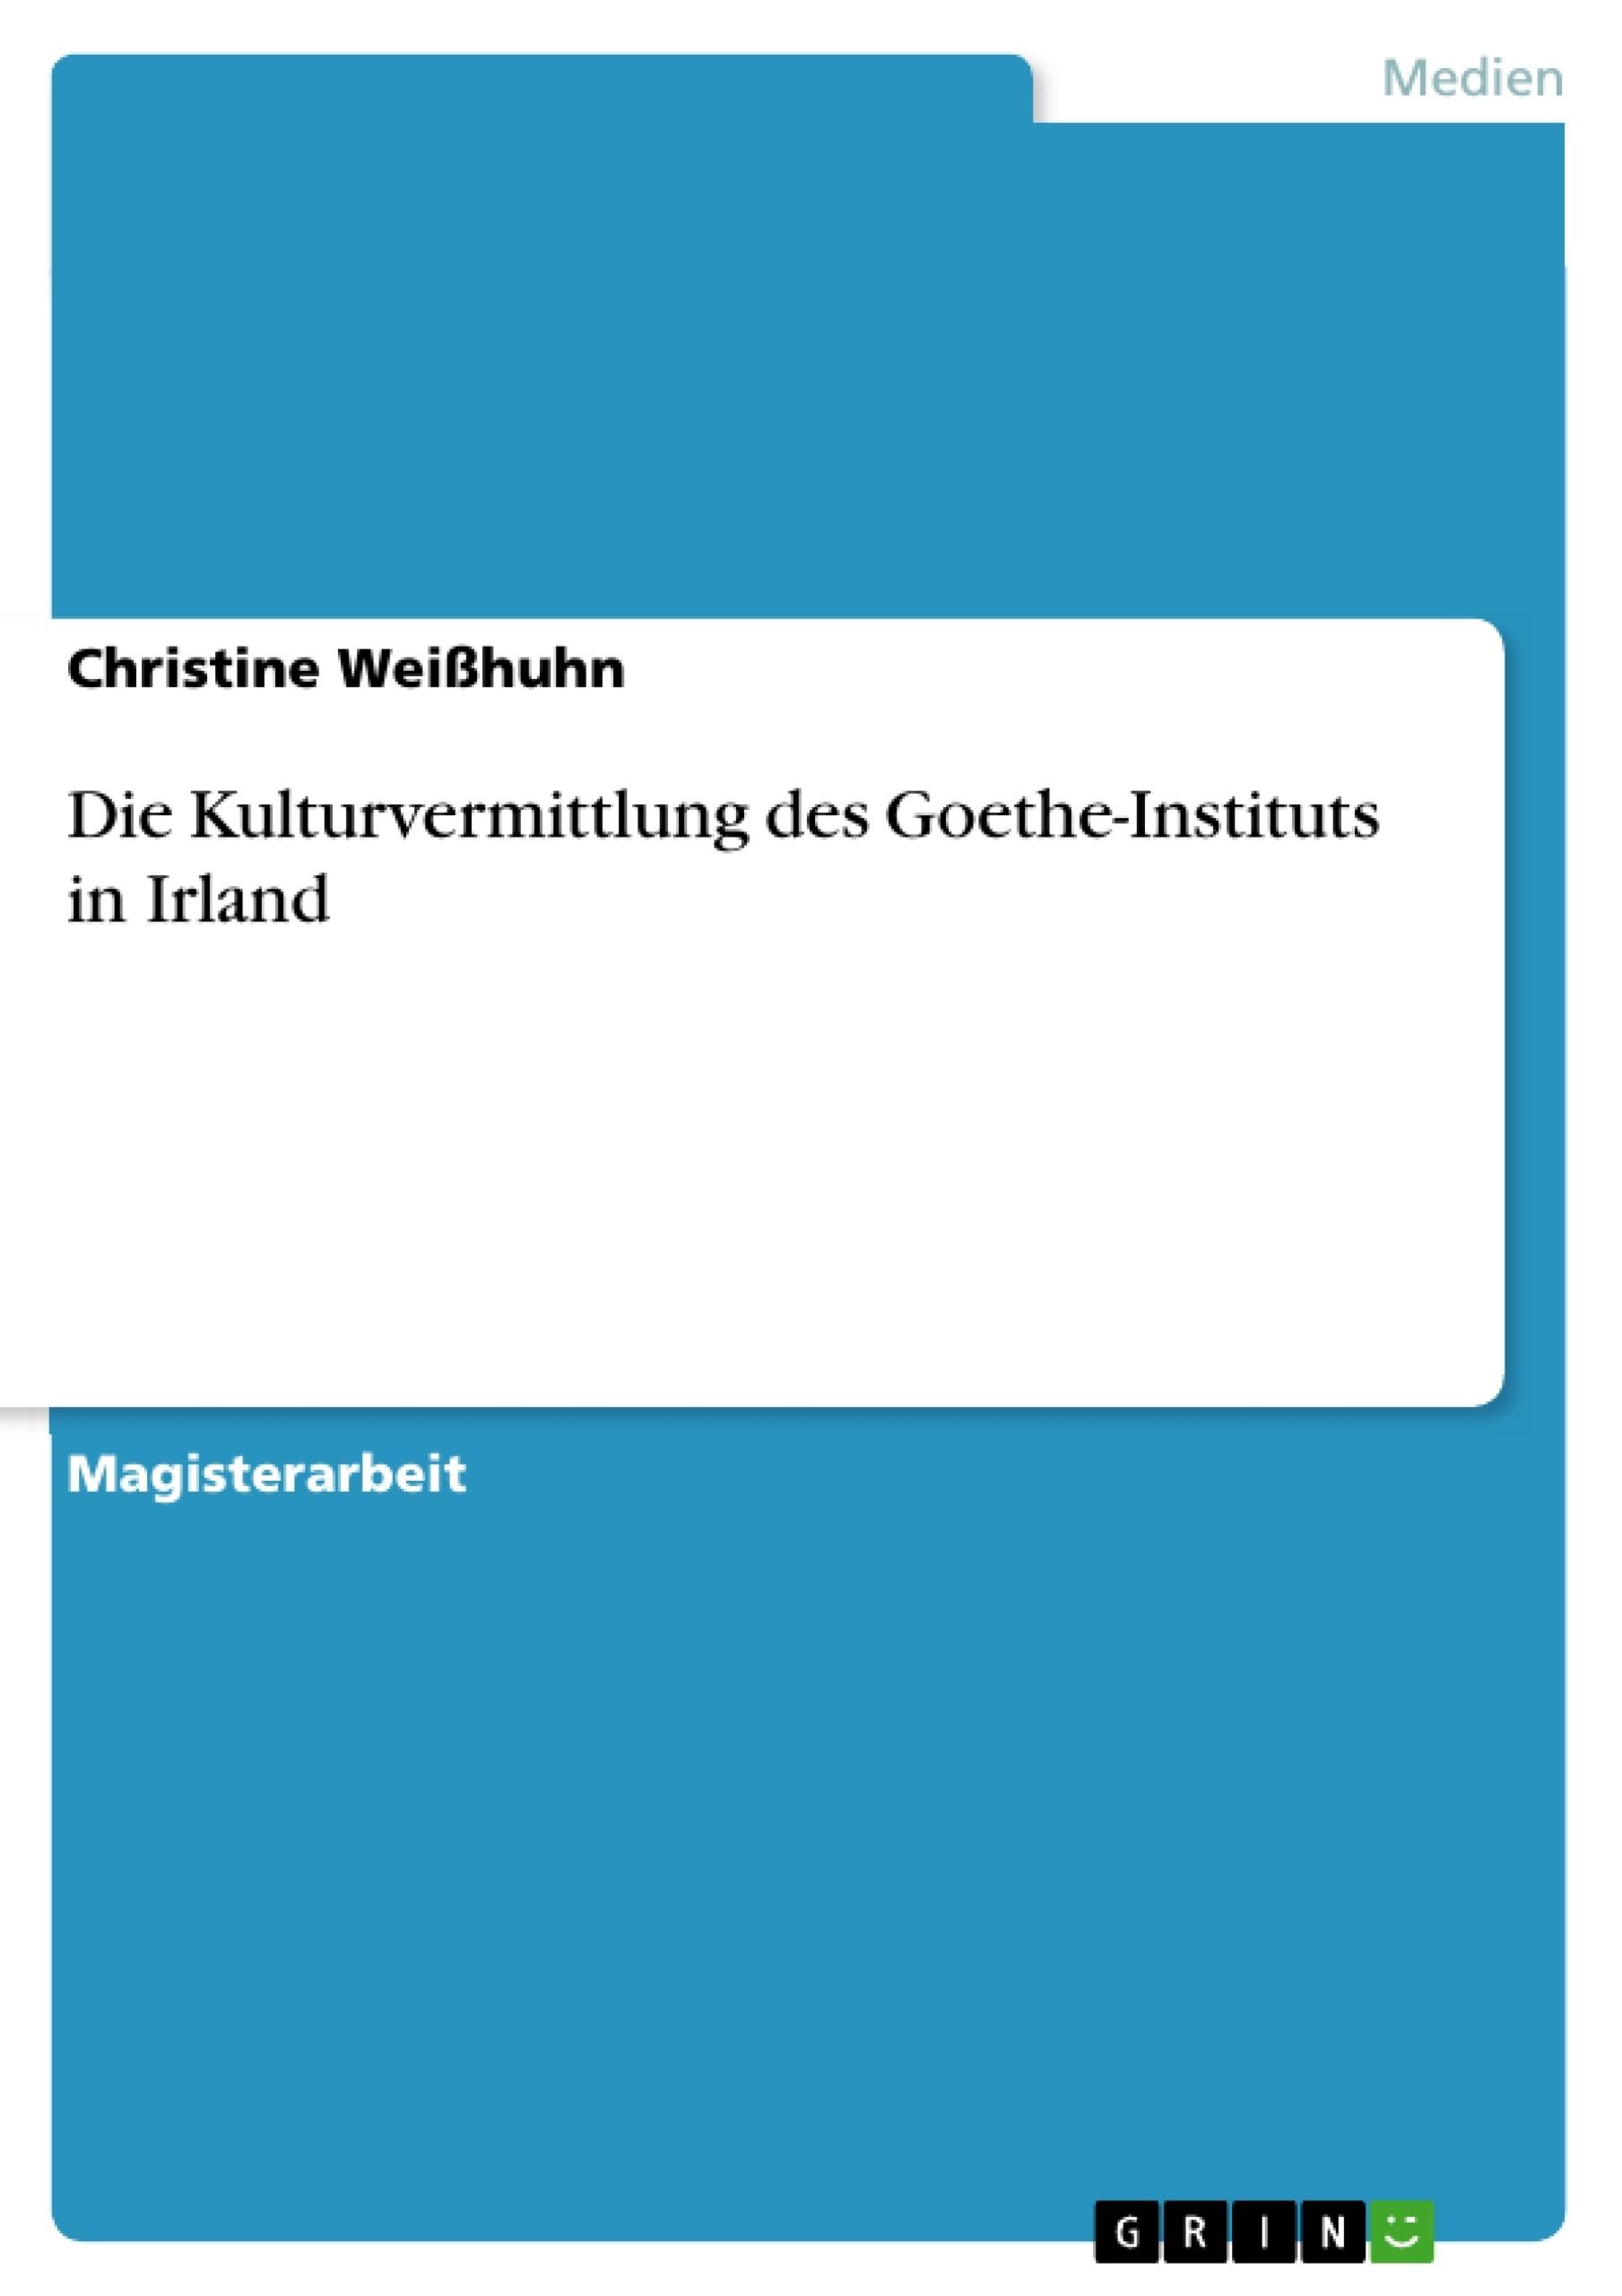 Titel: Die Kulturvermittlung des Goethe-Instituts in Irland